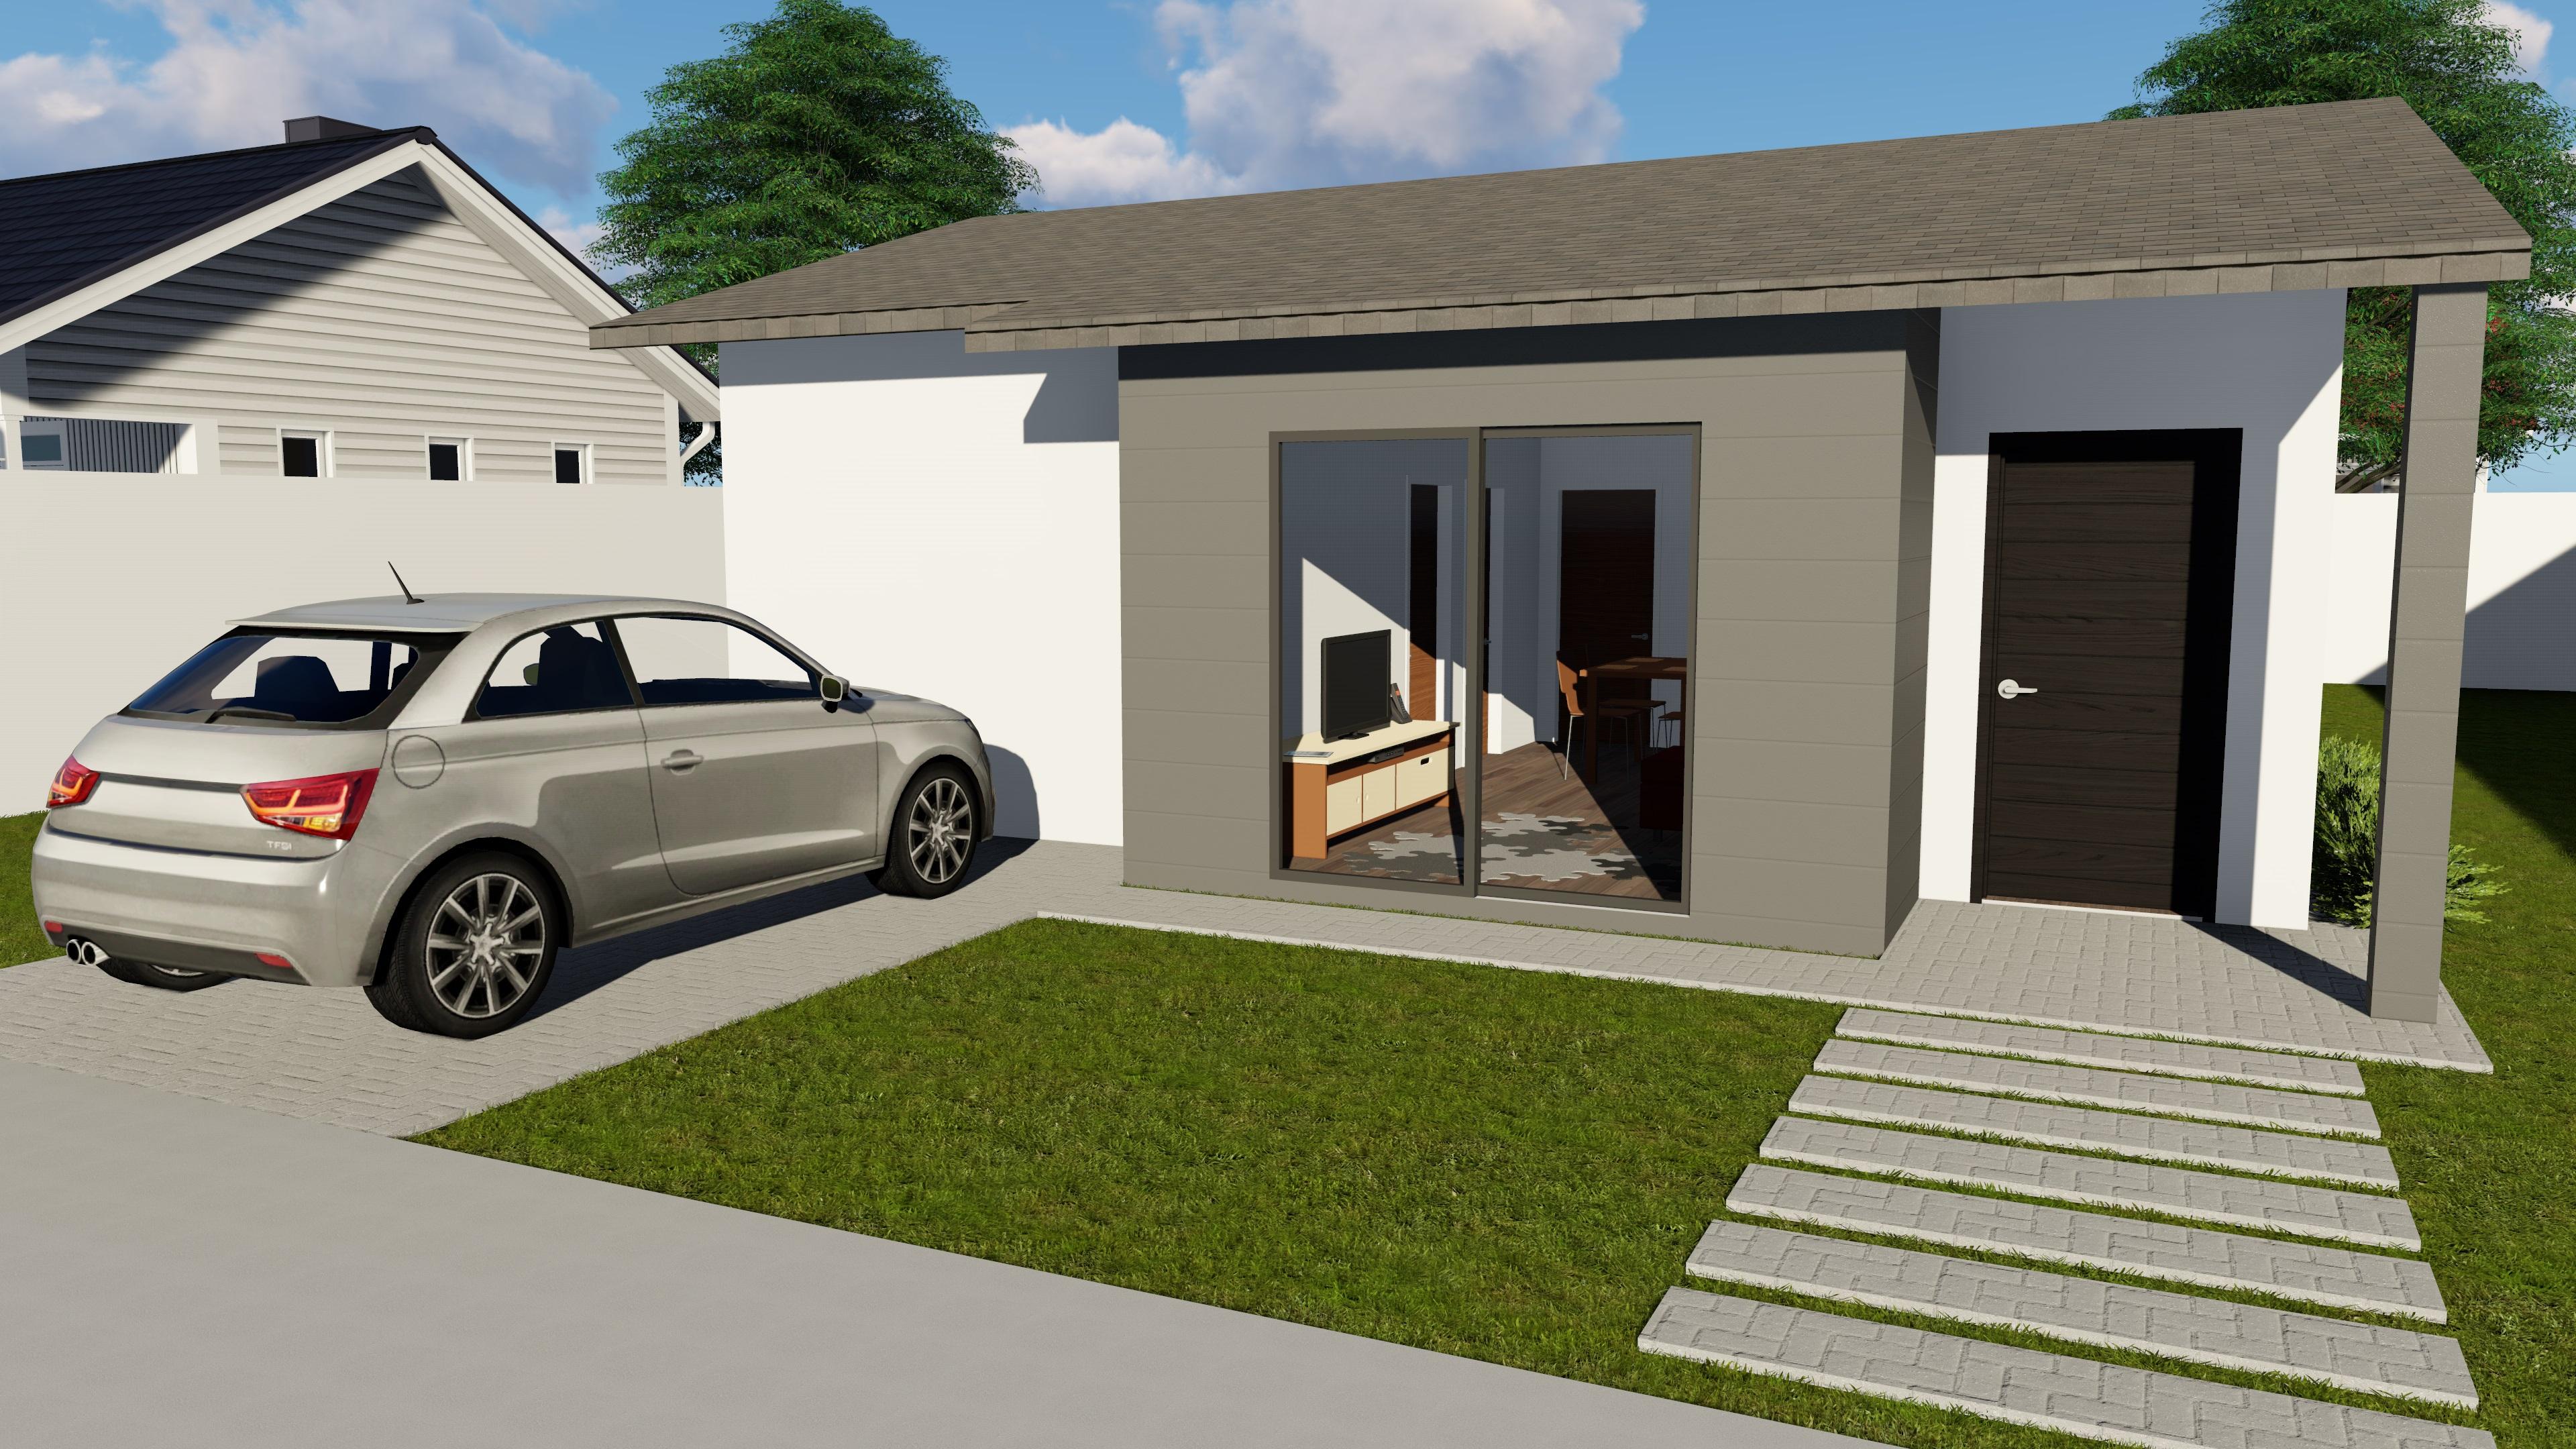 Casas steel frame modelos prontos sulm dulos sistemas for Modelos de casa estilo minimalista